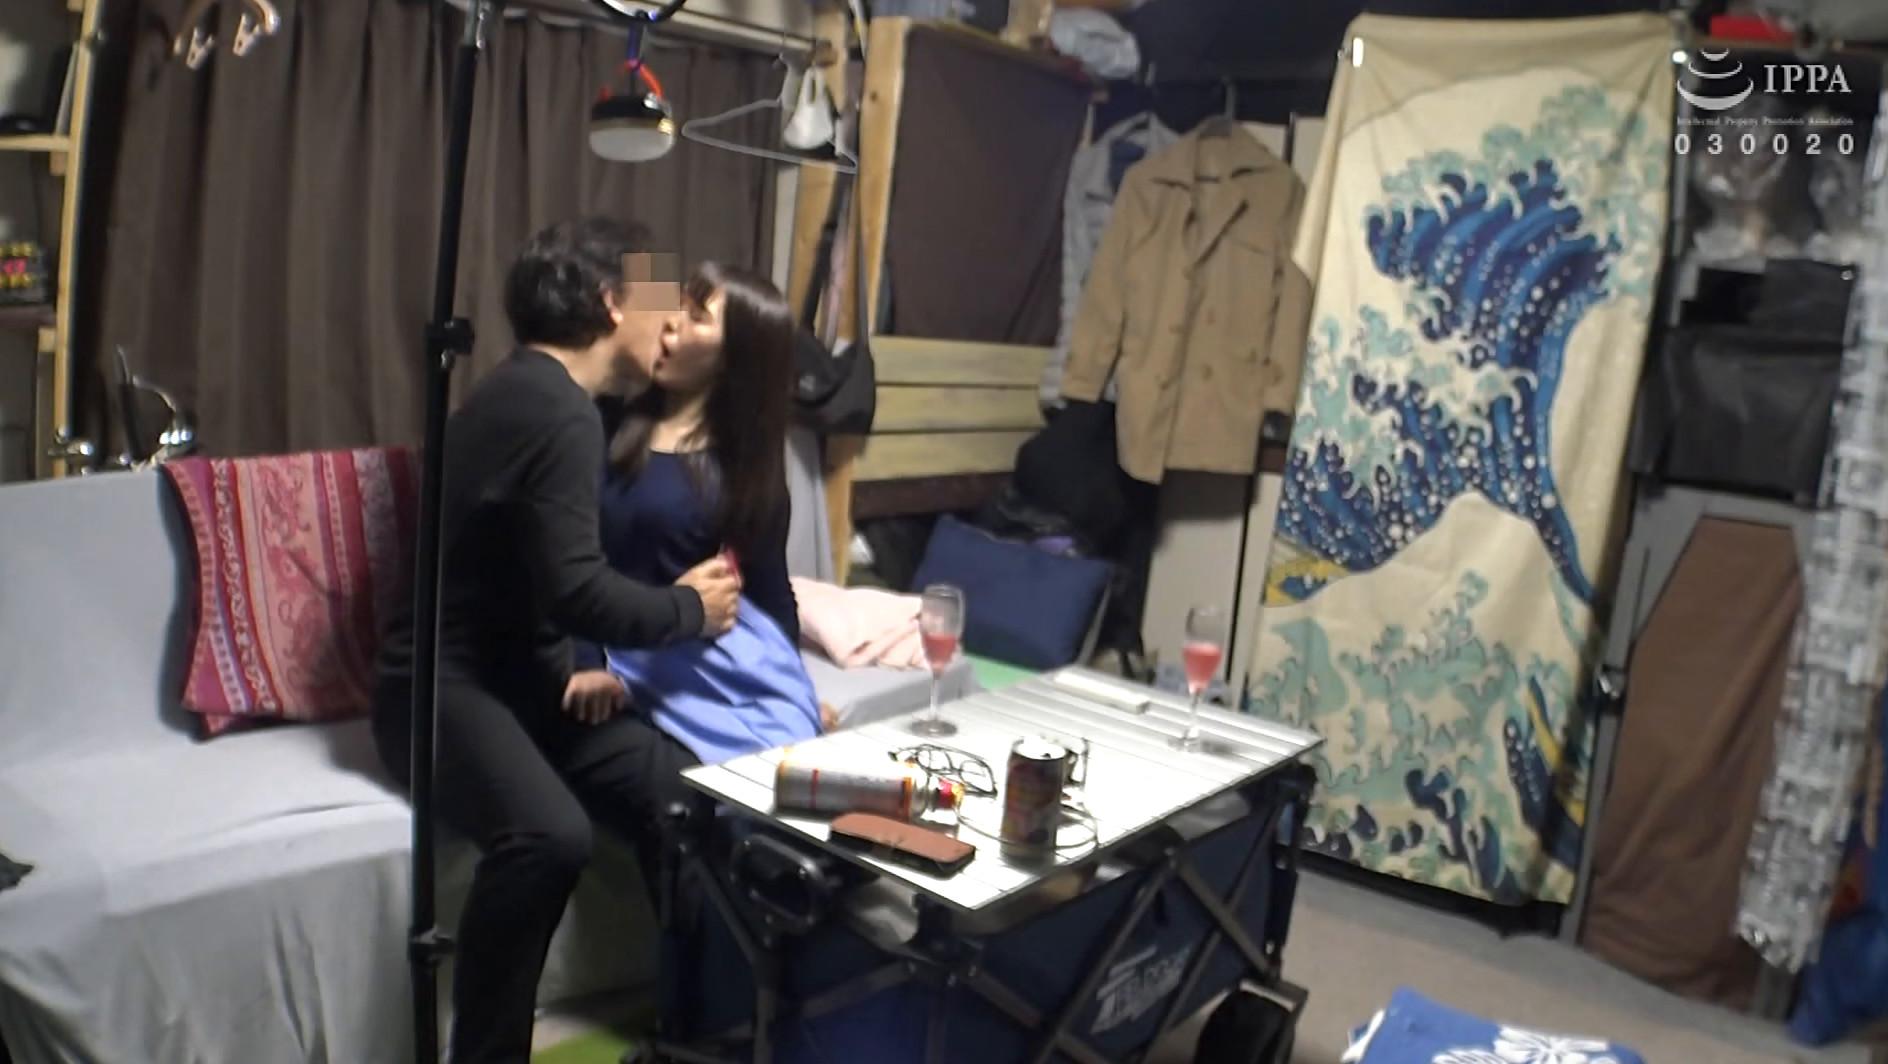 自分の部屋に泊まることになった妻の女友達 「人妻園子さん(仮名)三十歳」に当然のように手を出してしまうワタシ 画像5